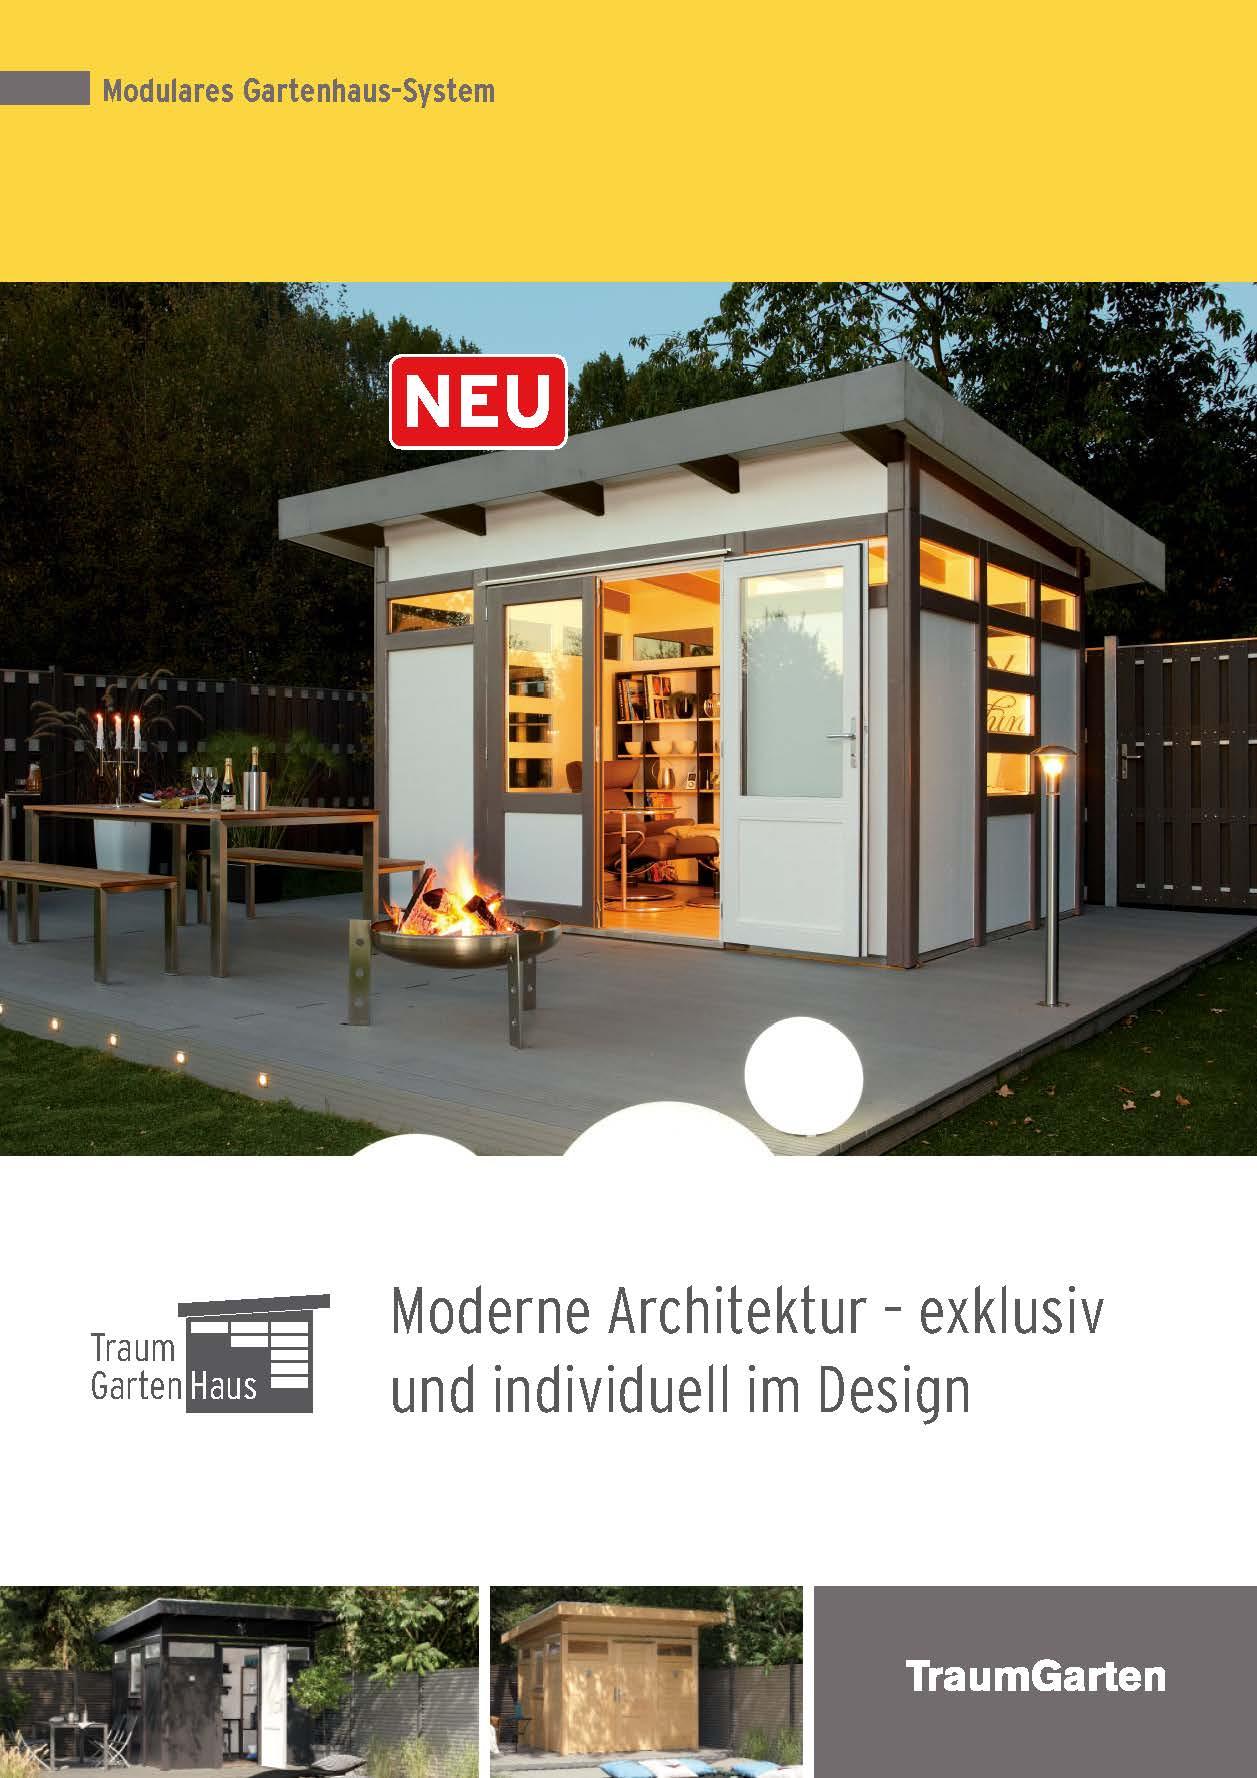 Designatgartenhaus De designatgartenhaus de hubhausdesign co